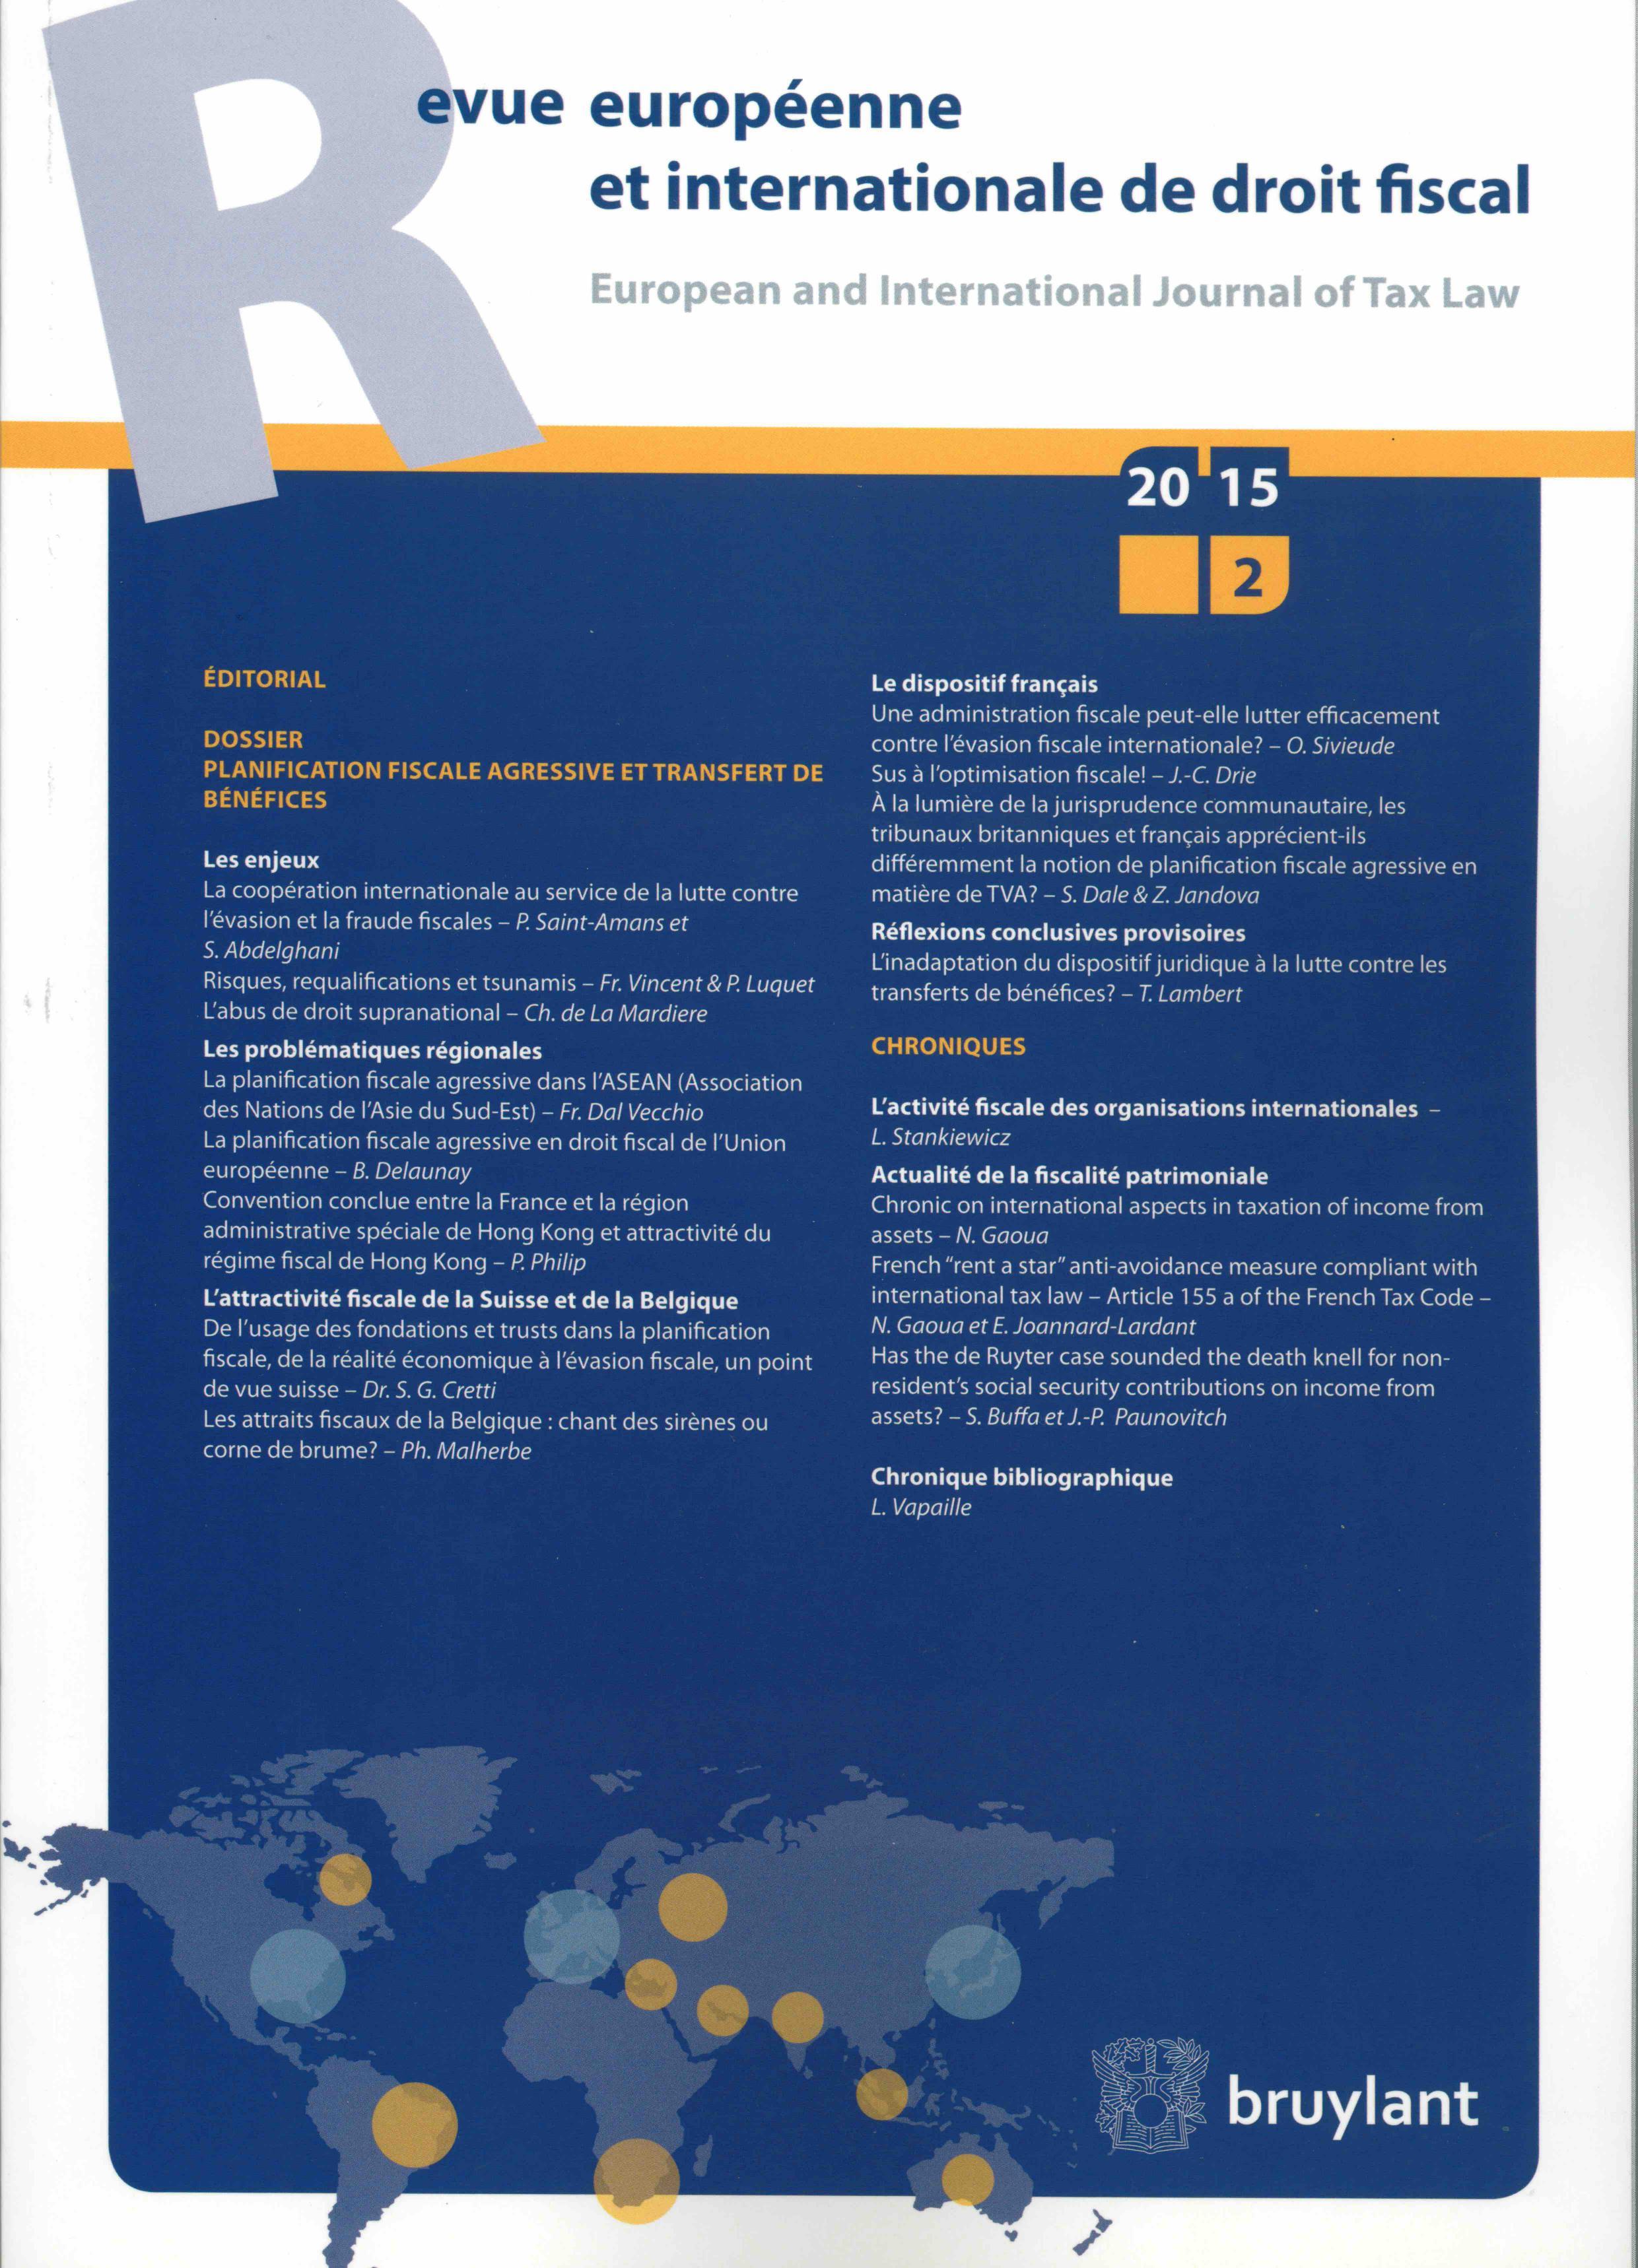 La planification fiscale agressive dans l'ASEAN (Association des Nations de l'Asie du Sud-Est)